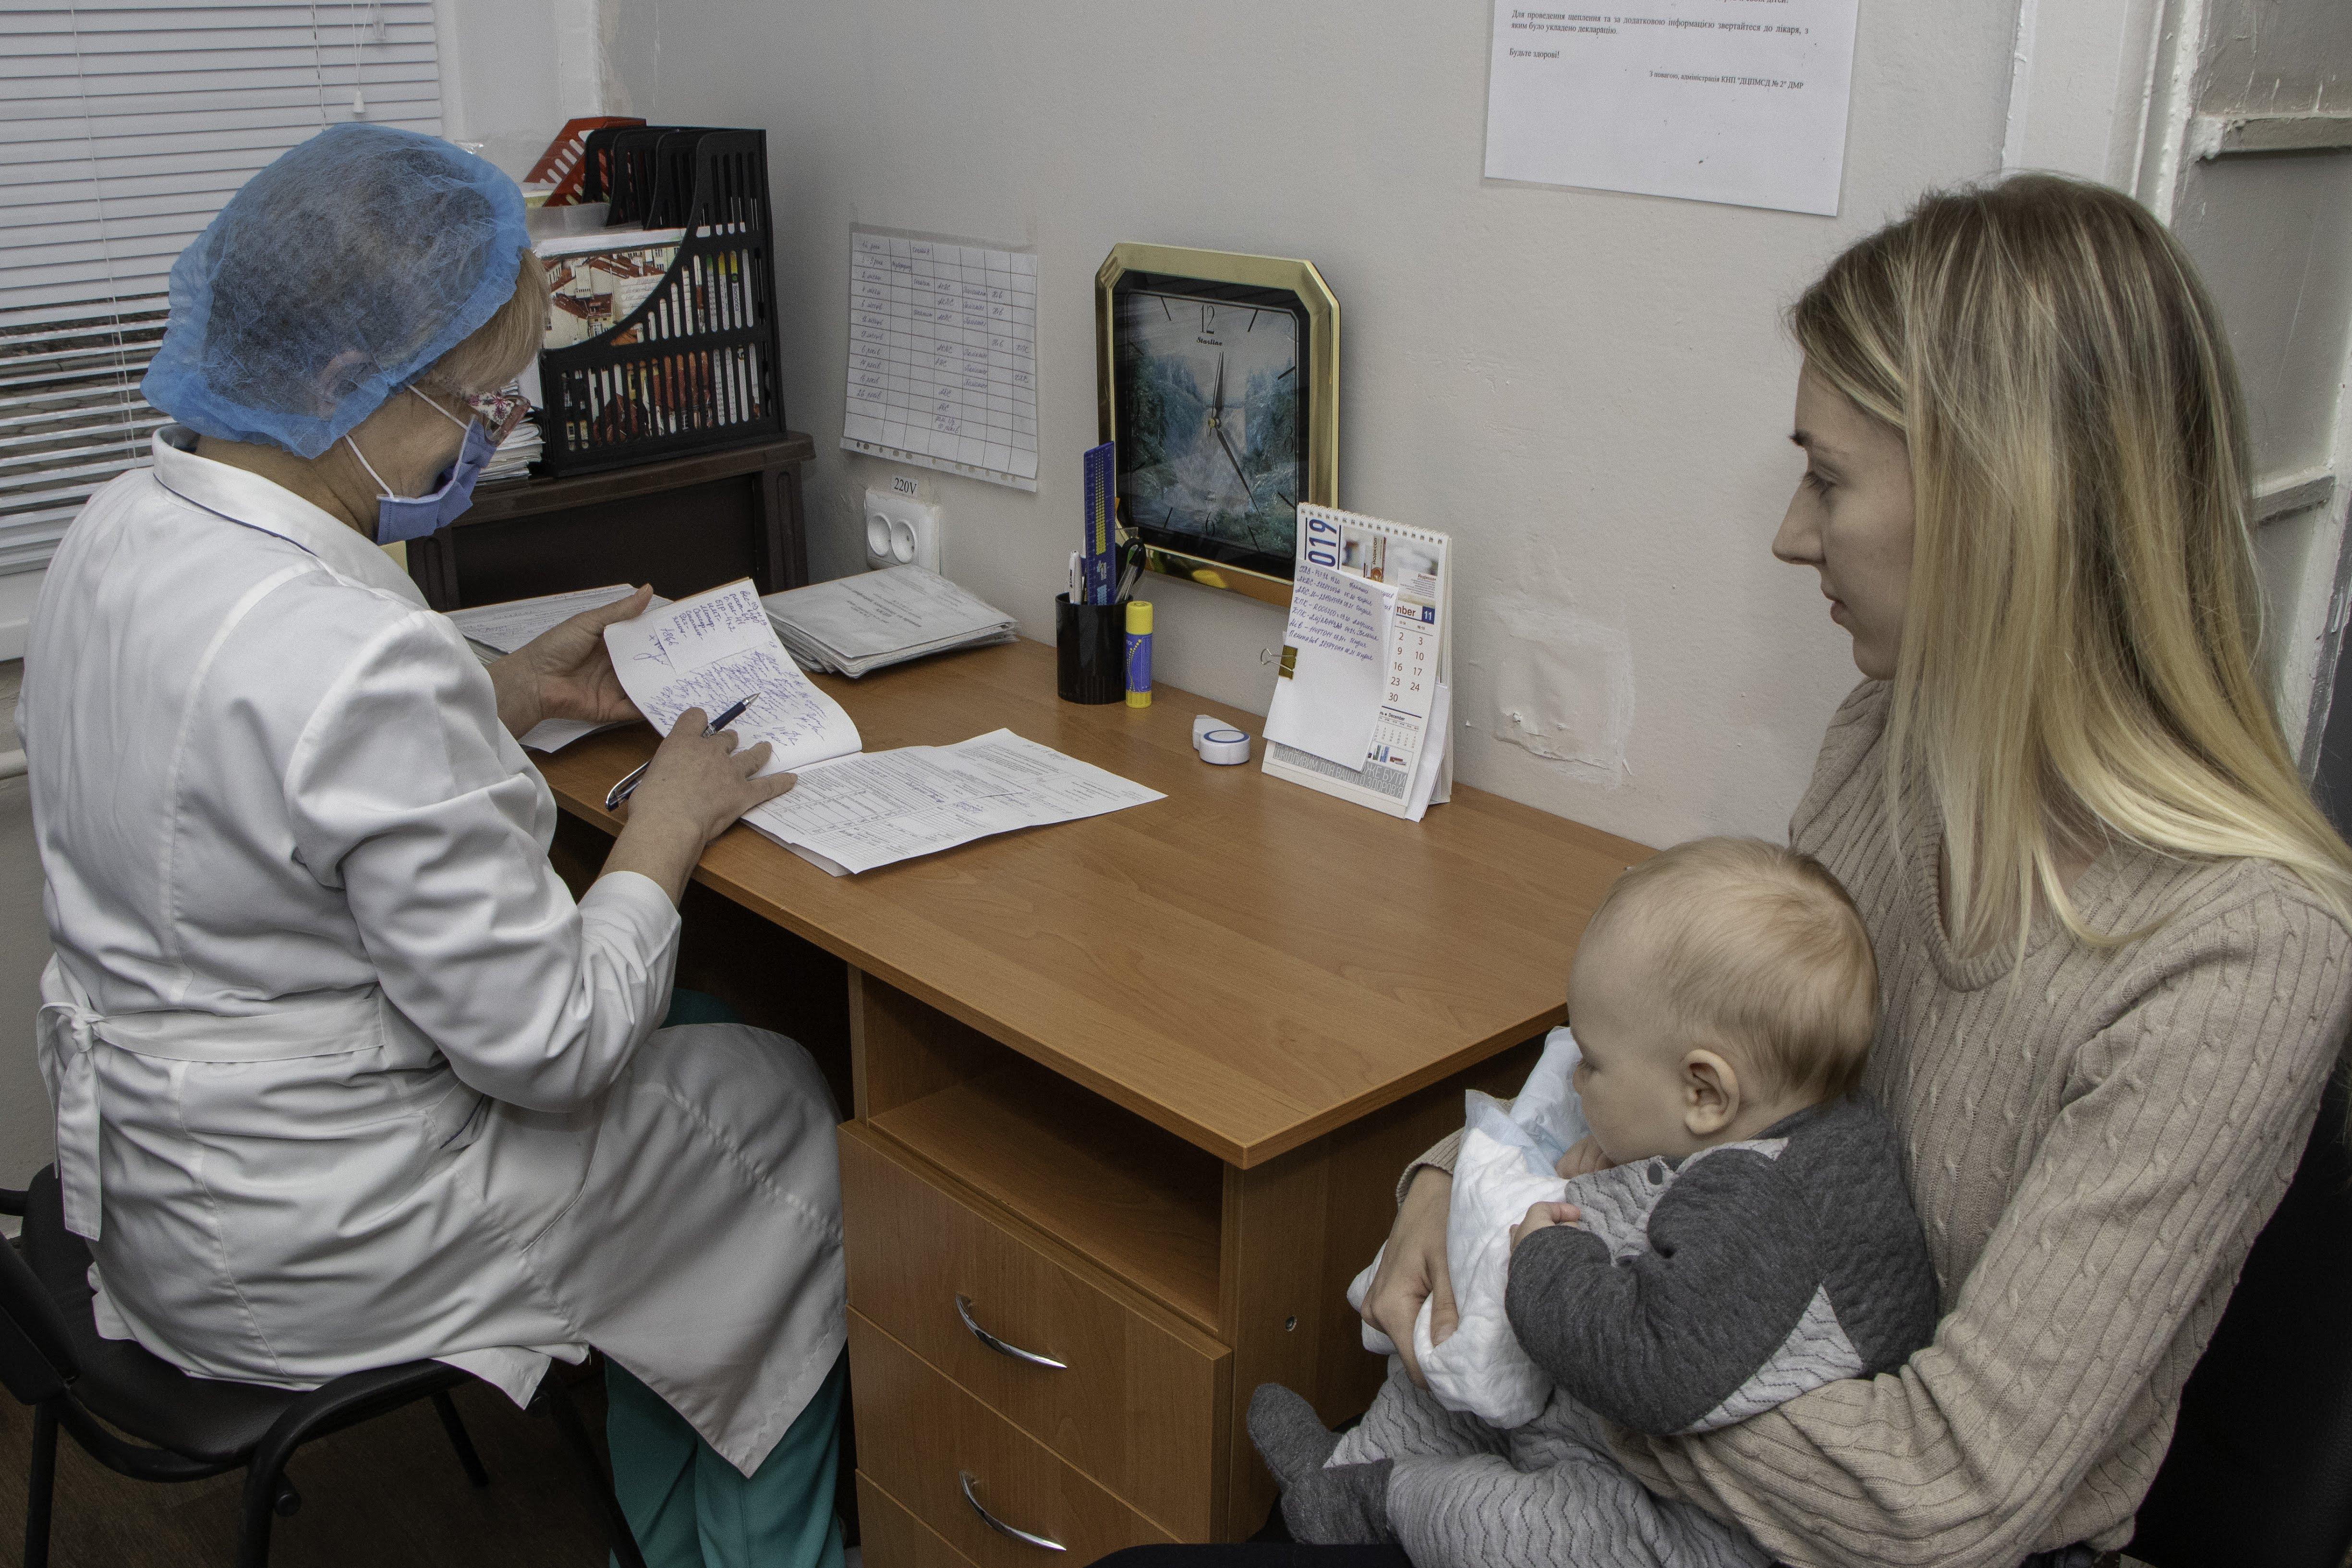 Вакцины необходимы: жителям Днепра напомнили о важной составляющей здоровья детей. Новости Днепра